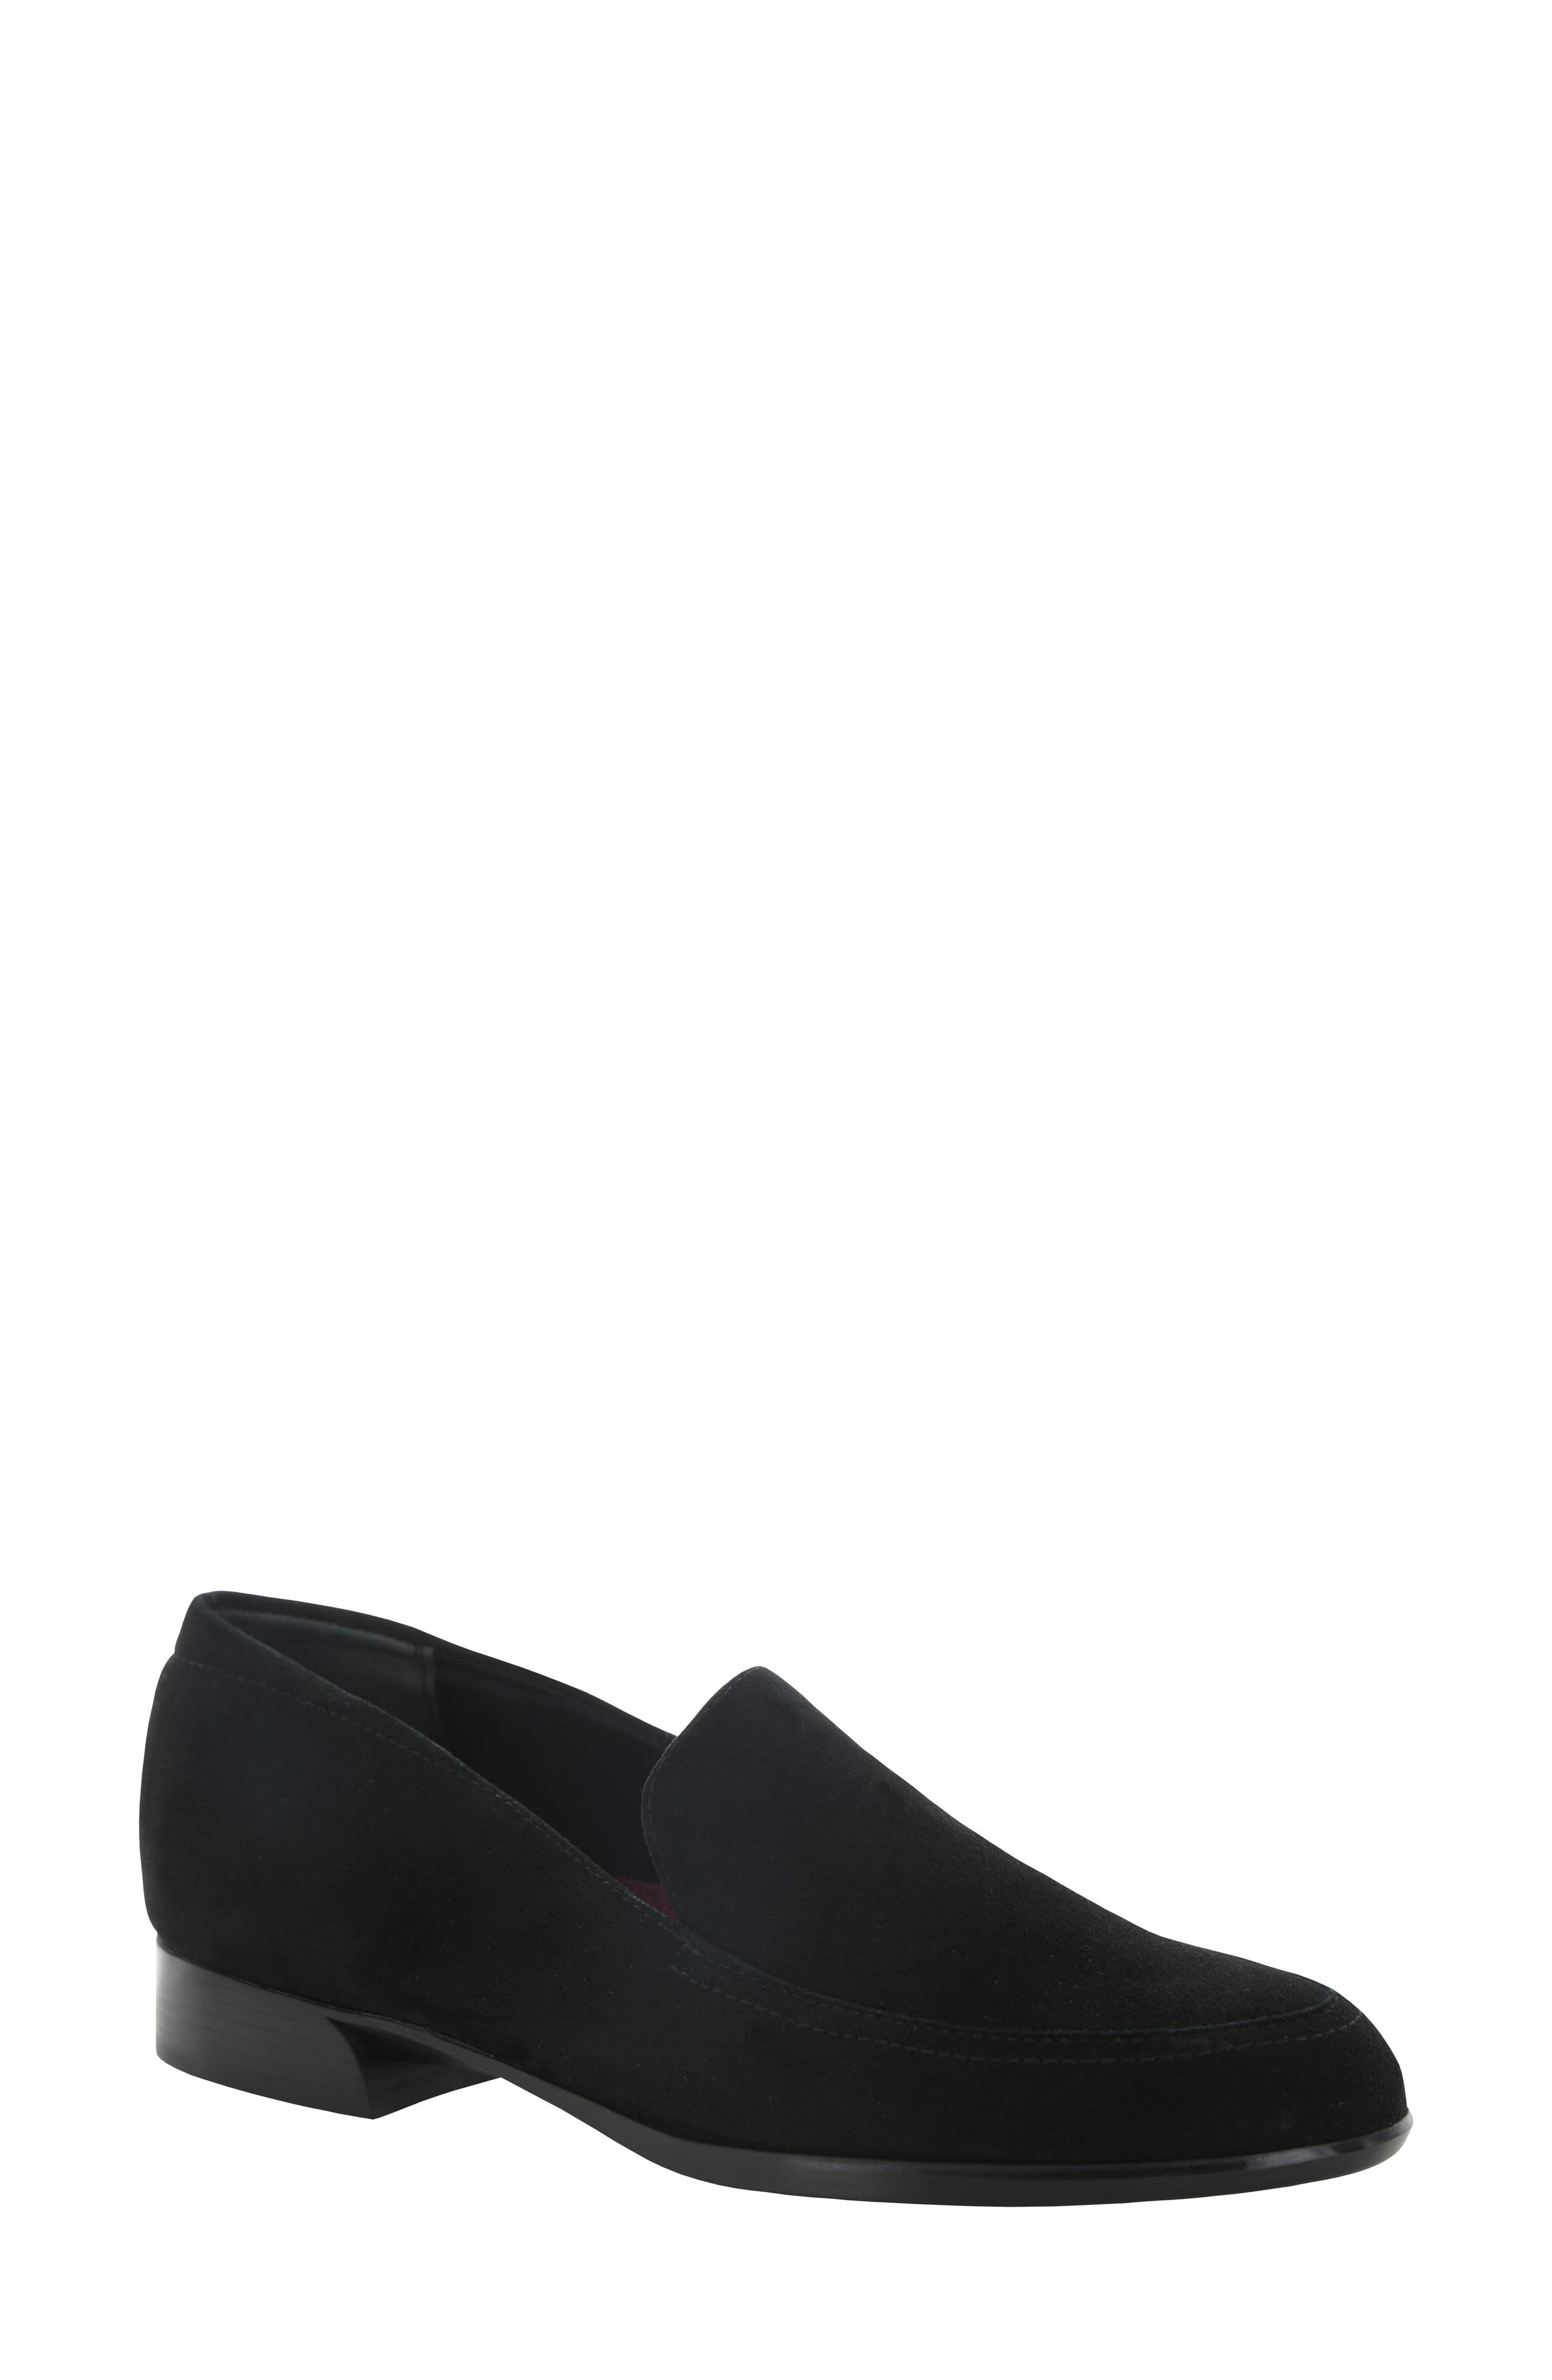 Harrison Loafer,                         Main,                         color, BLACK SUEDE